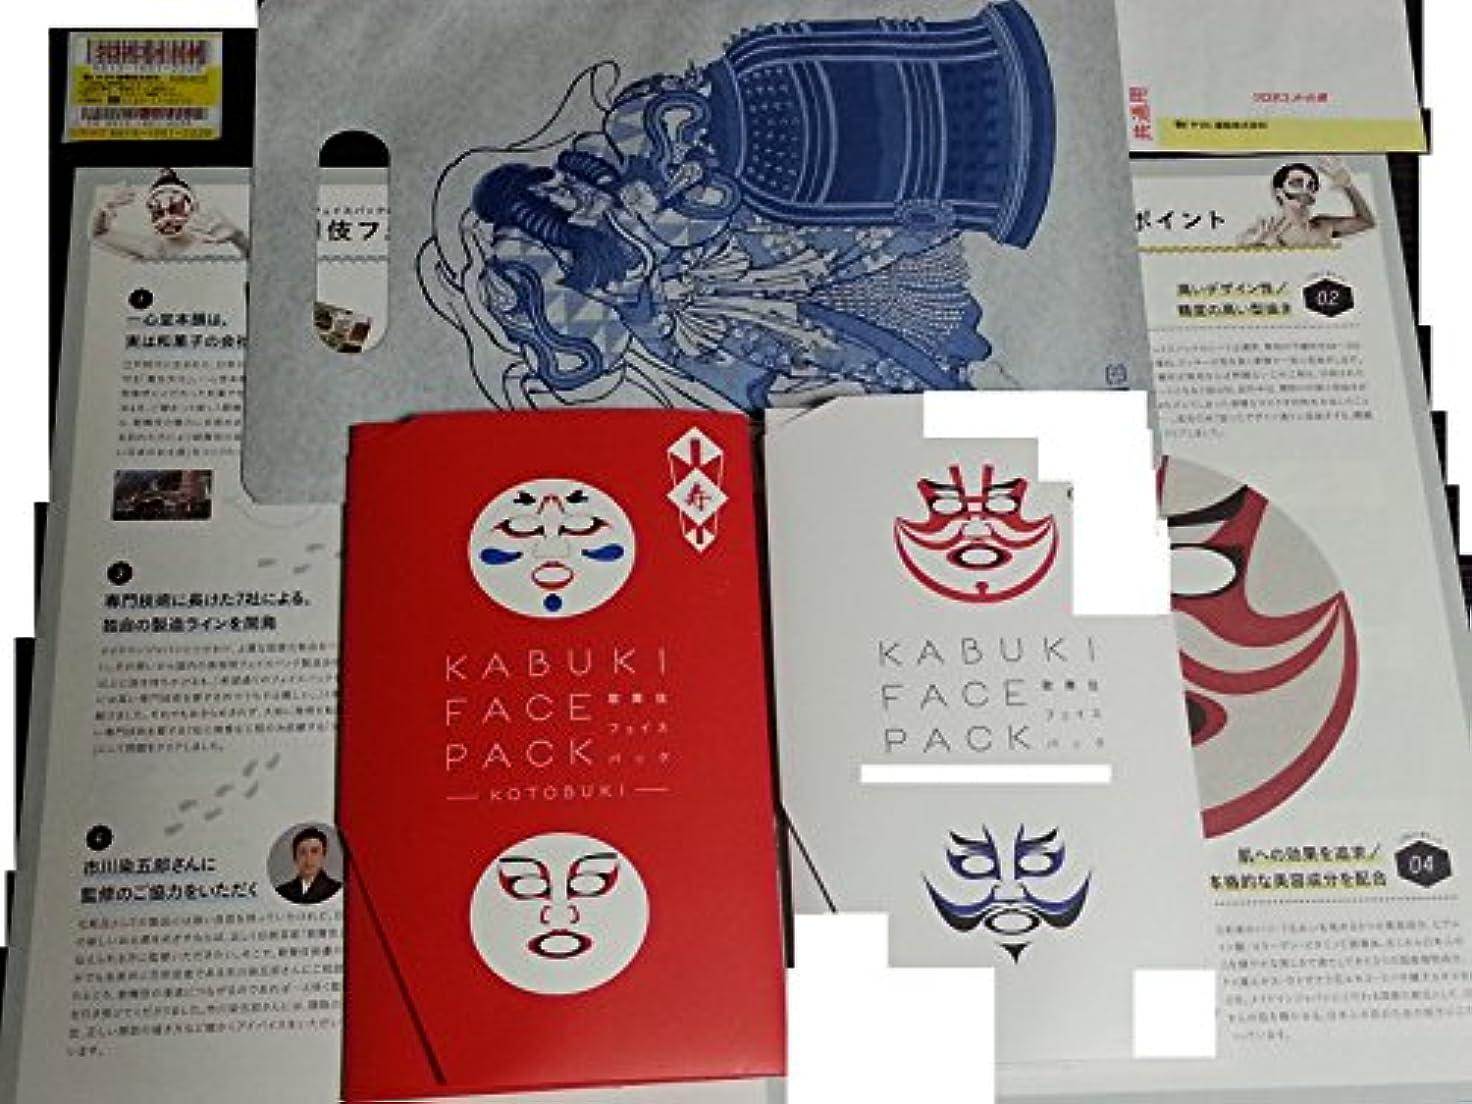 チューリップまろやかな主婦歌舞伎フェイスパック セット  KABUKI FACE PACK -ISESHIMA- & -KOTOBUKI- (伊勢志摩&寿)全2点セット